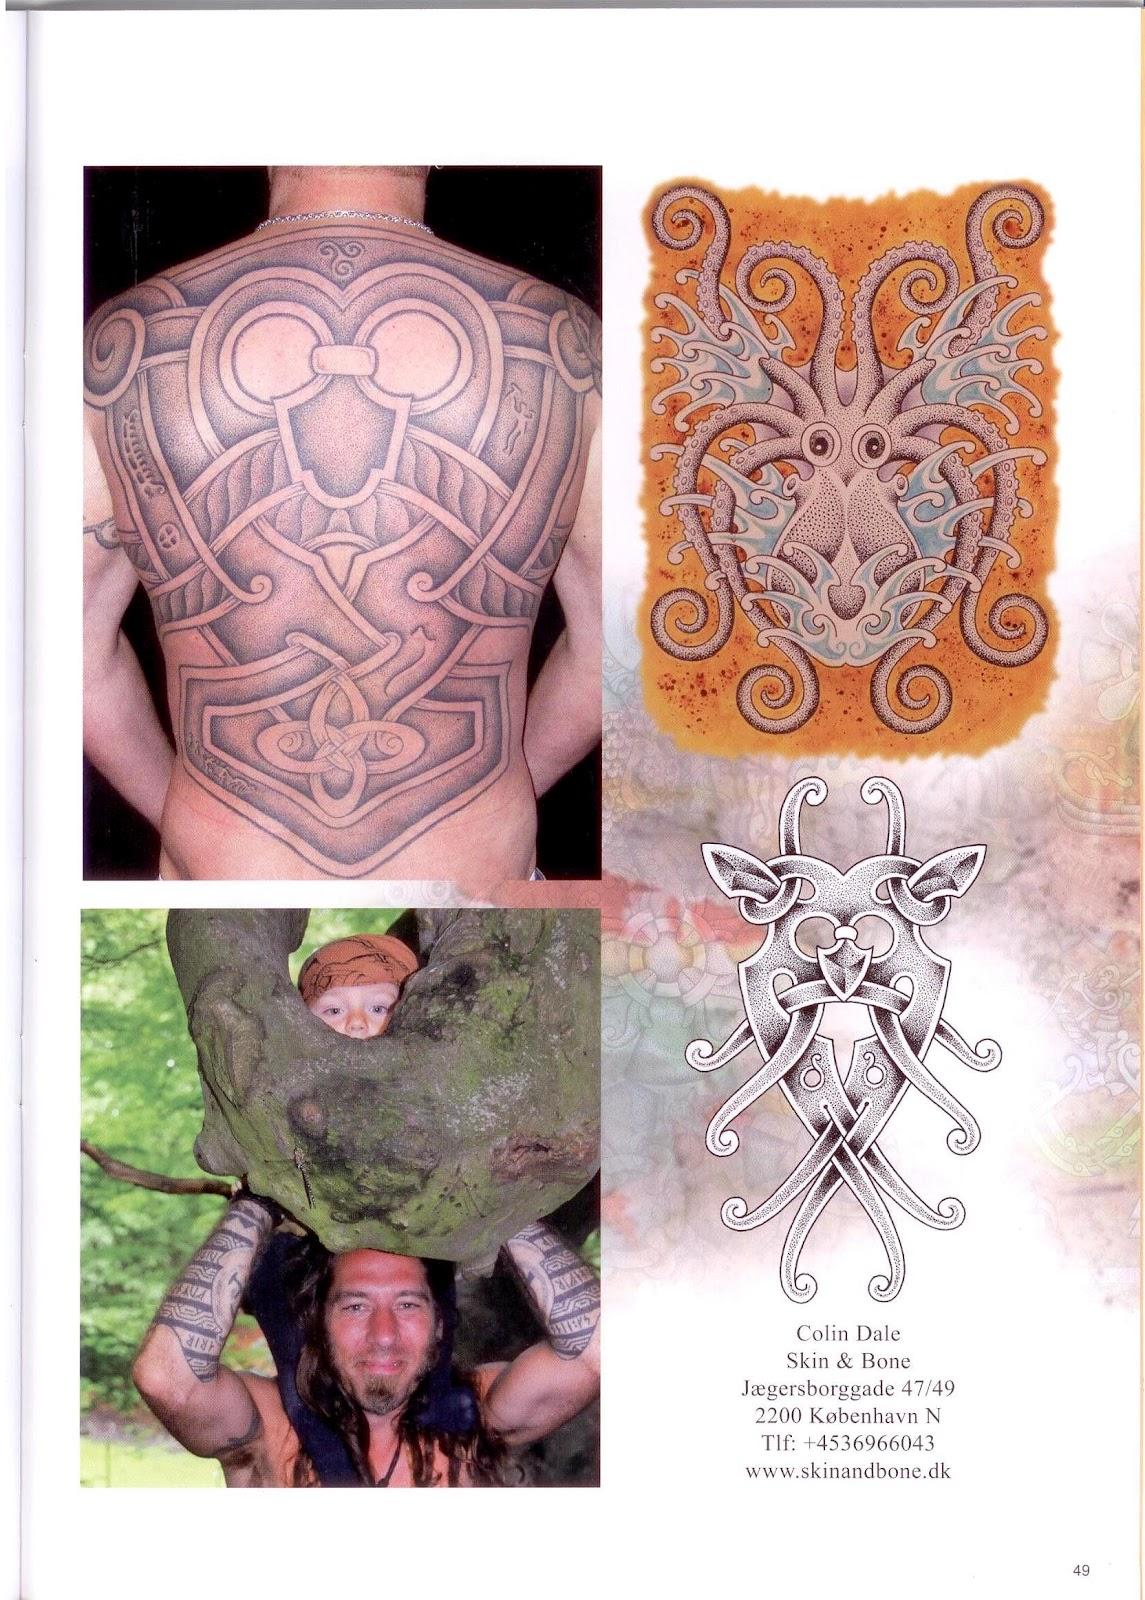 http://1.bp.blogspot.com/-jCJLMiZNsy8/T1DYIH_oc9I/AAAAAAAAAL4/RFPGgfGkyWk/s1600/Nordic+Tattoo+Mag+36h.jpg